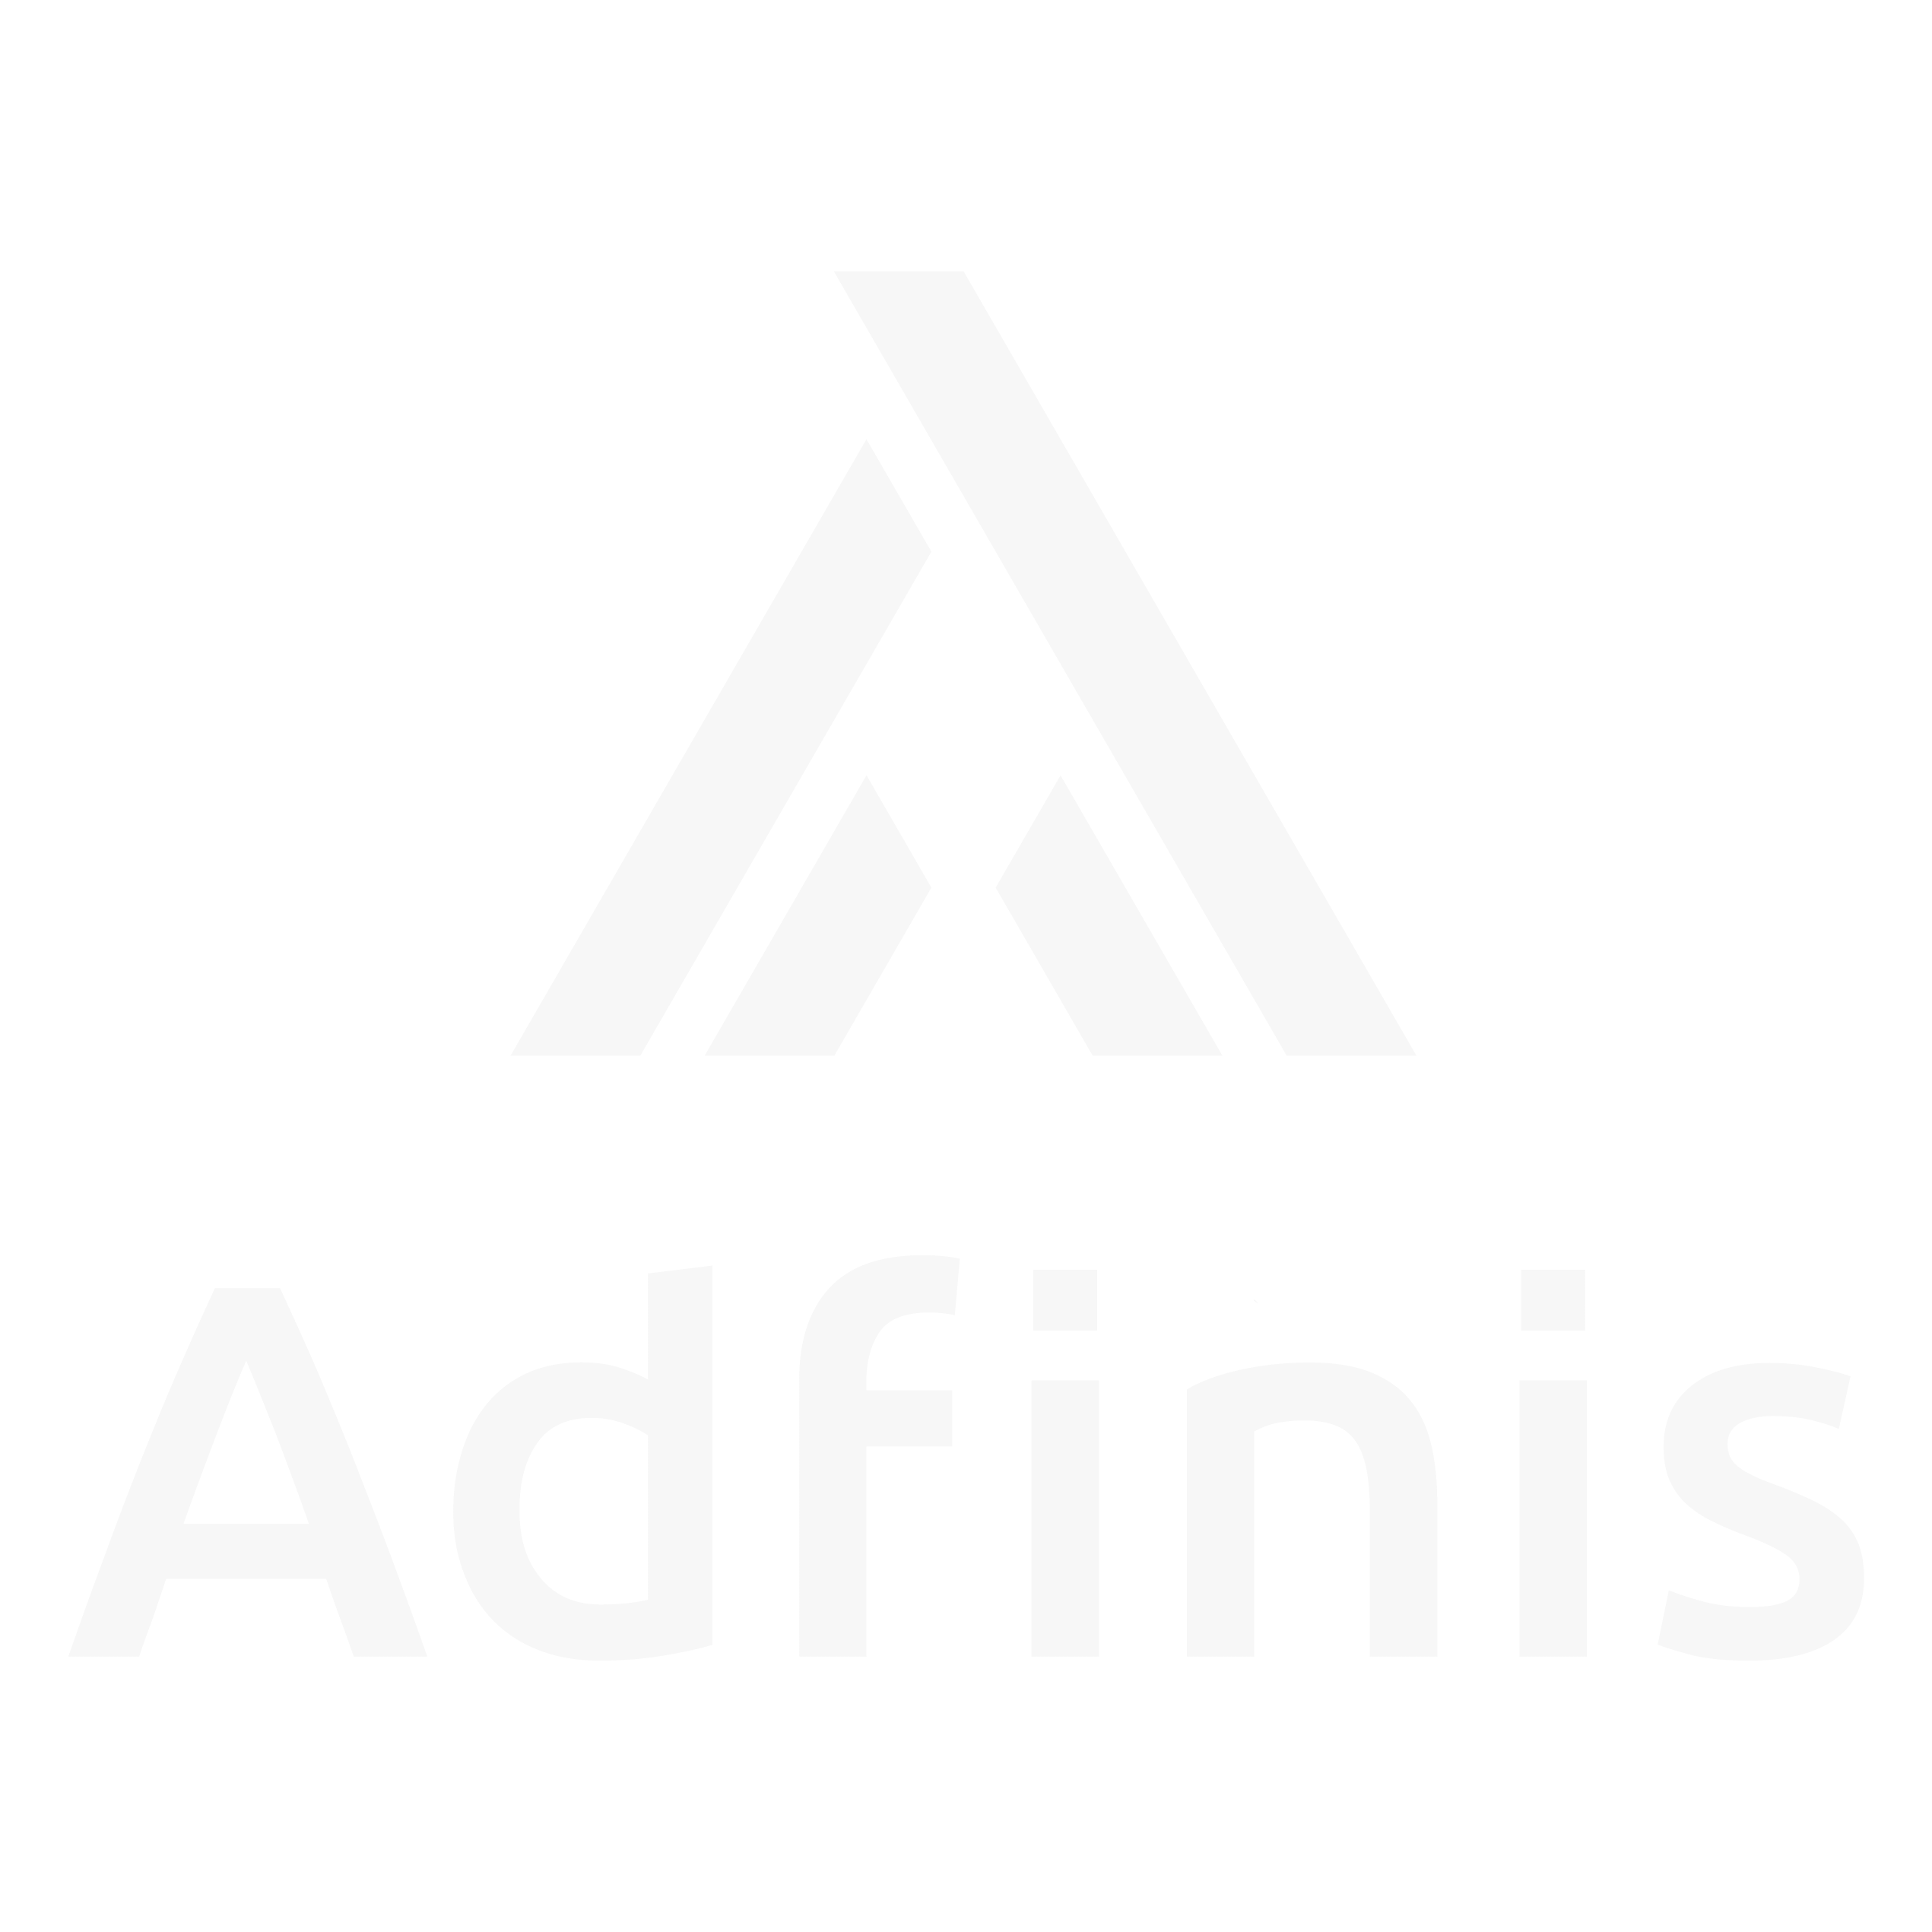 Adfinis_White